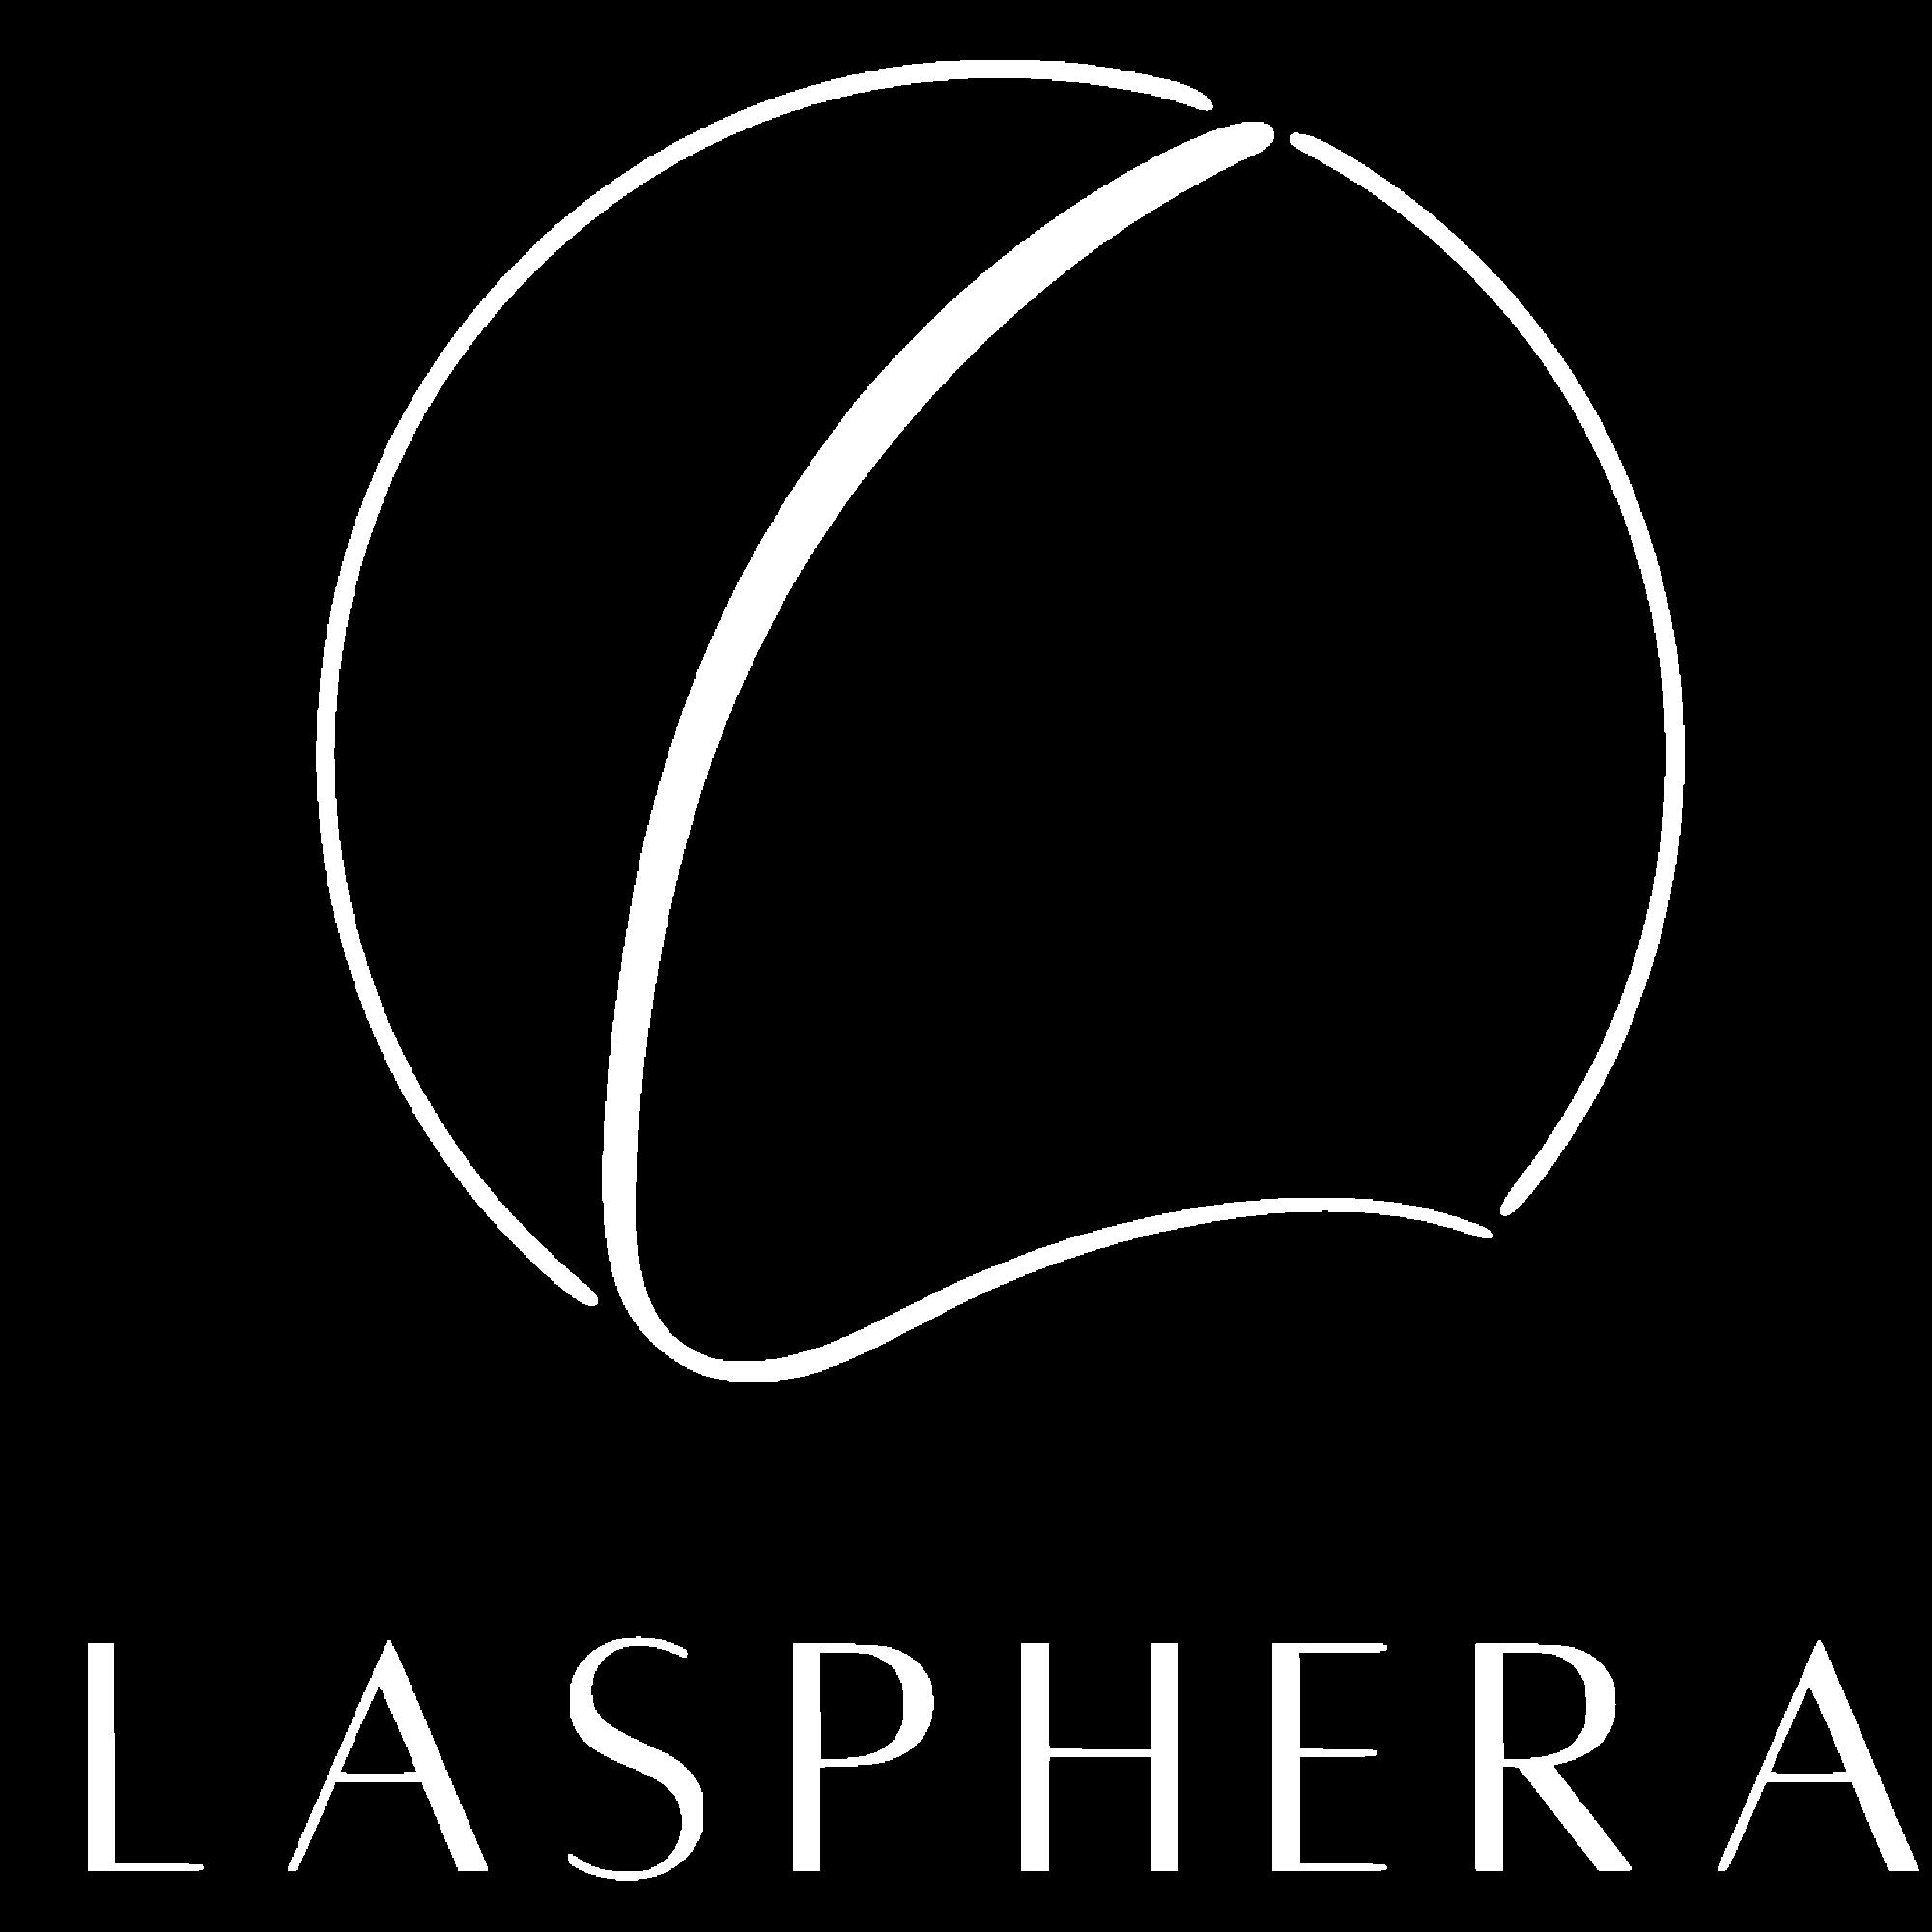 La Sphera